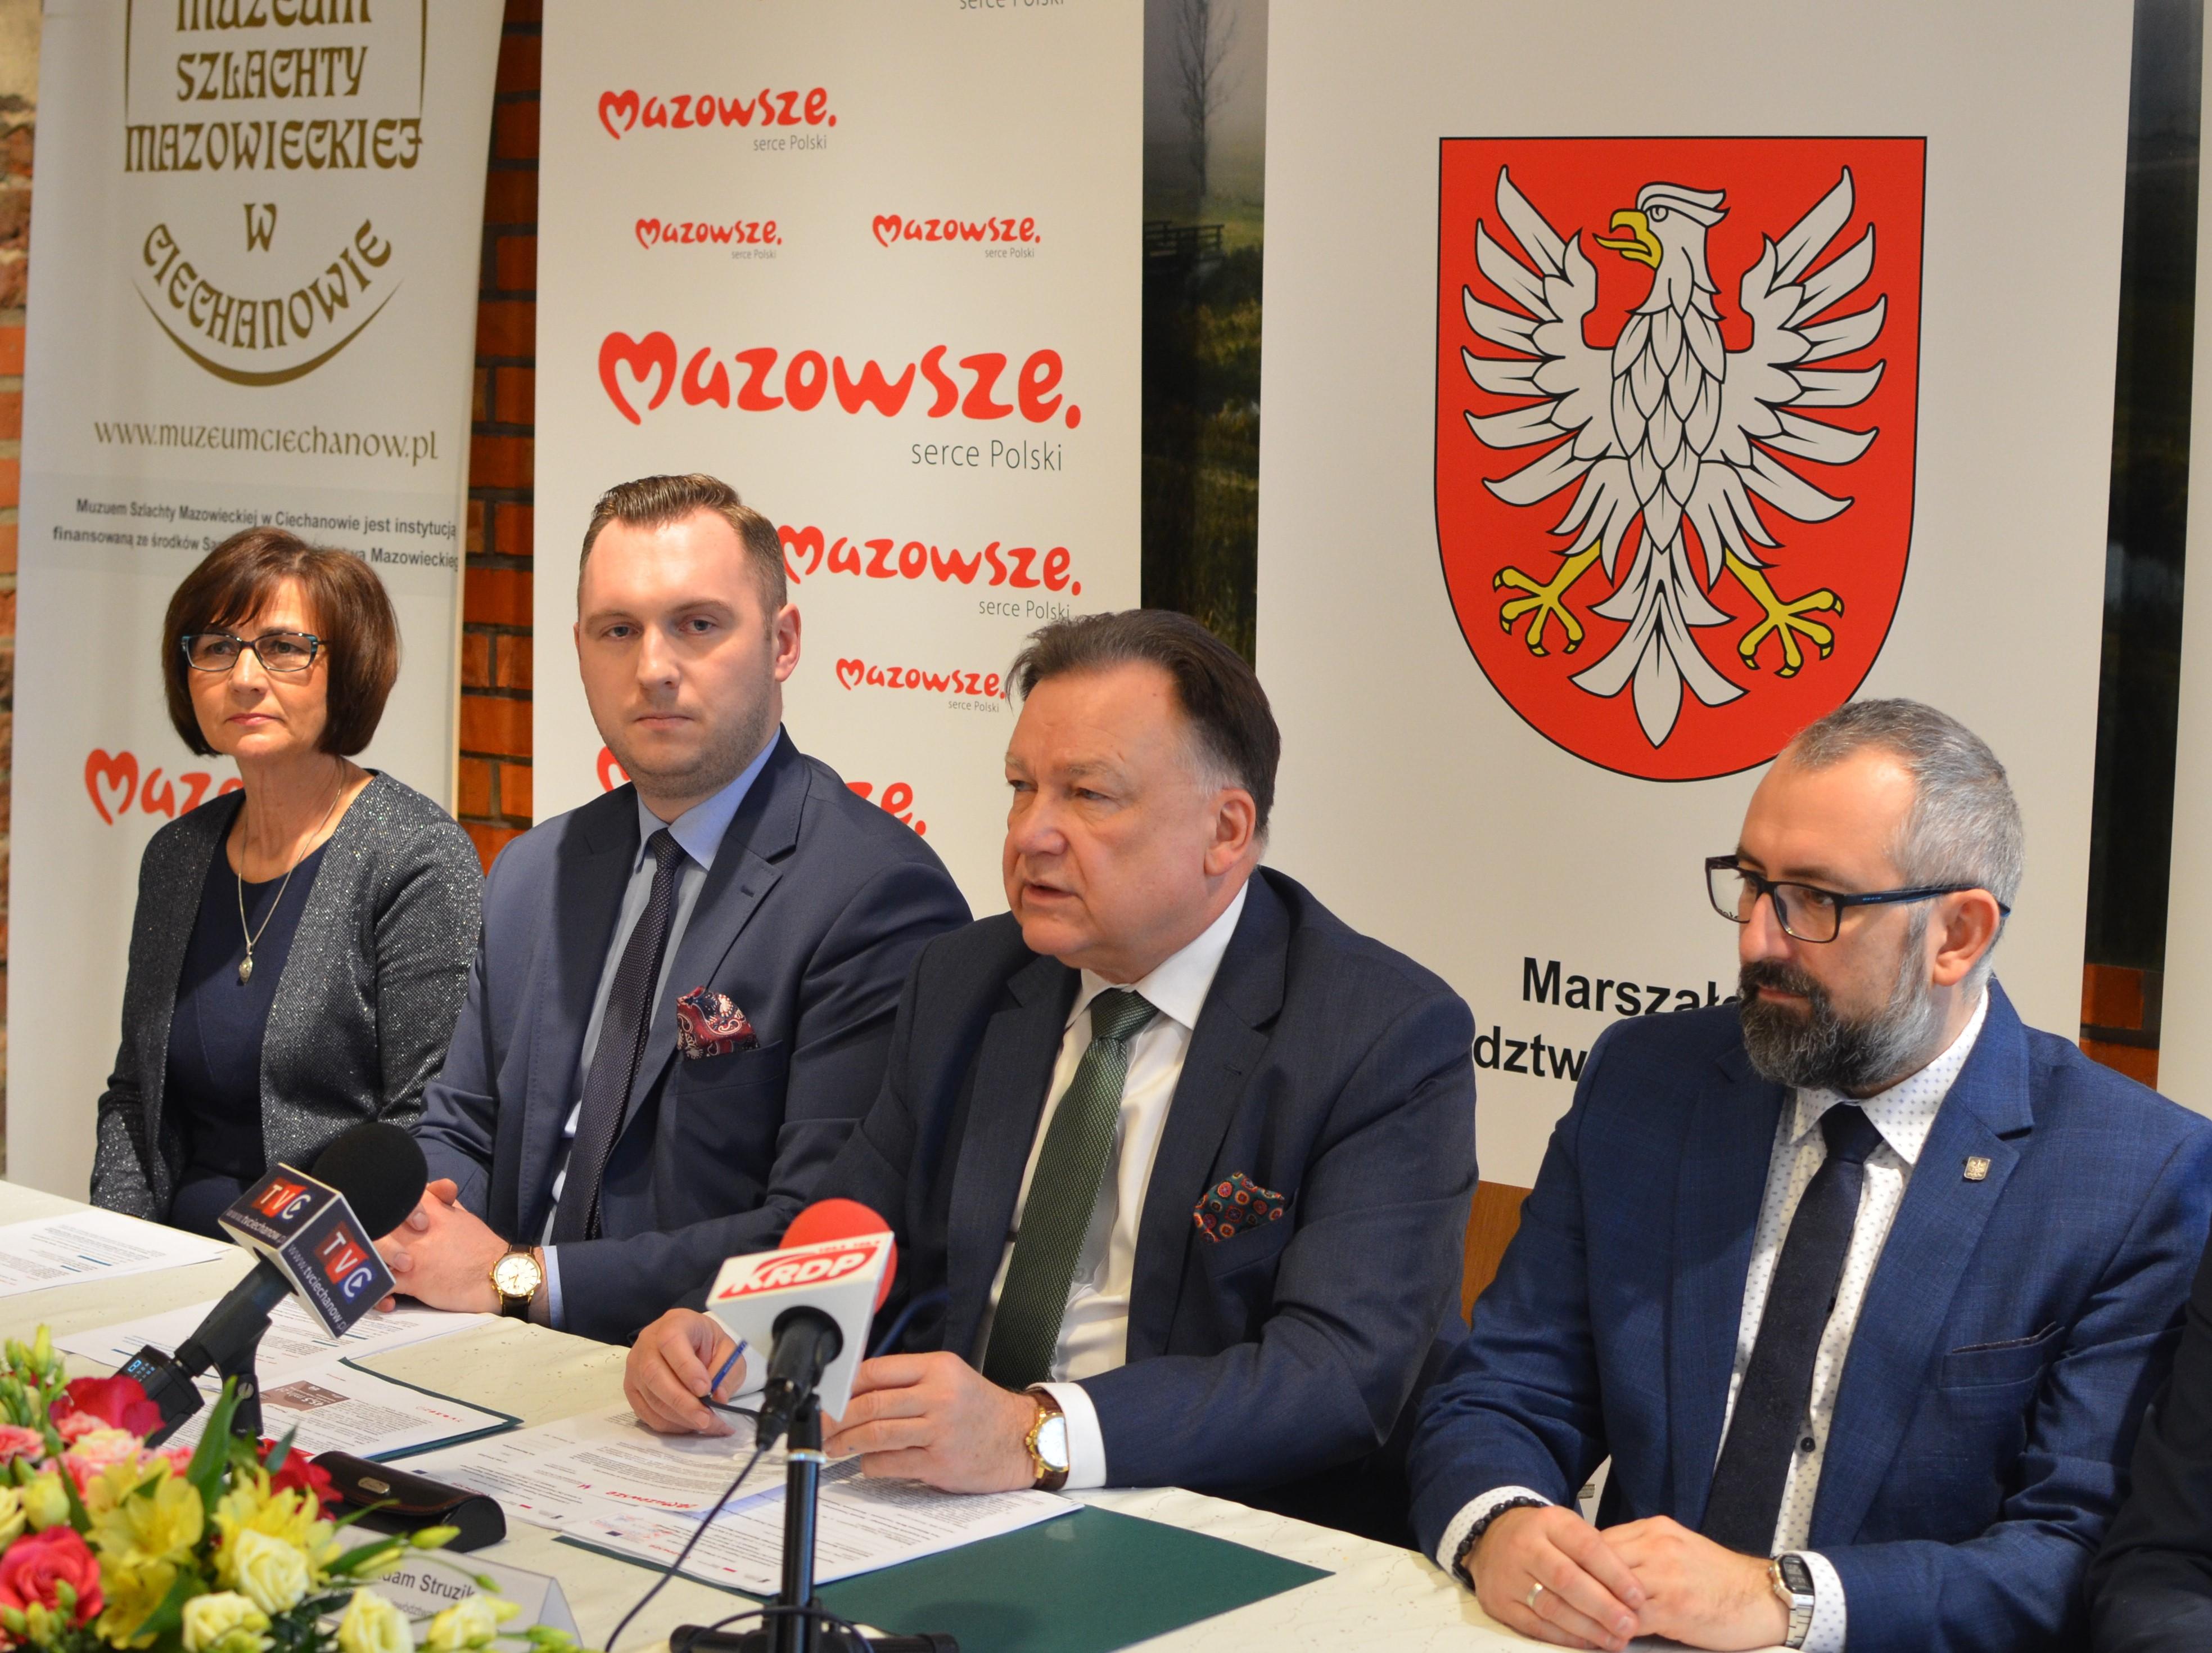 Uroczyste podpisanie umowy o dofinansowanie unijne projektu z Działania 2.1.1 E-usługi dla Mazowsza